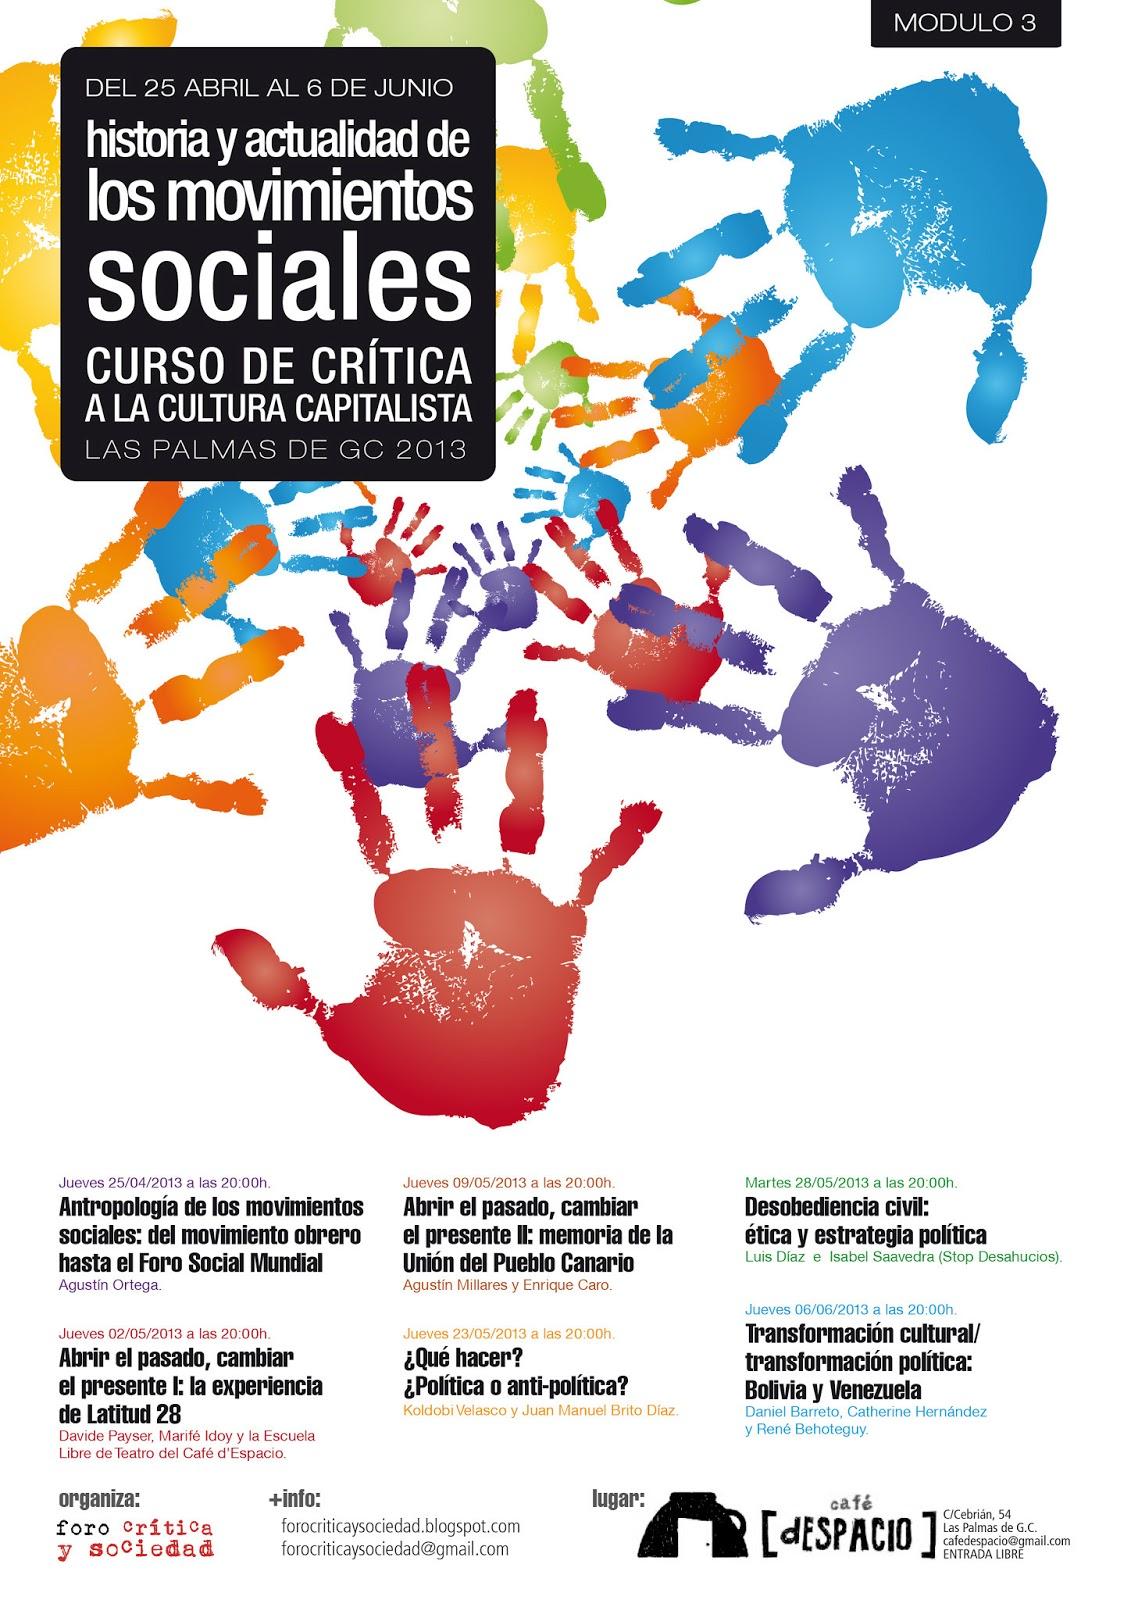 foro crítica y sociedad: abril 2013